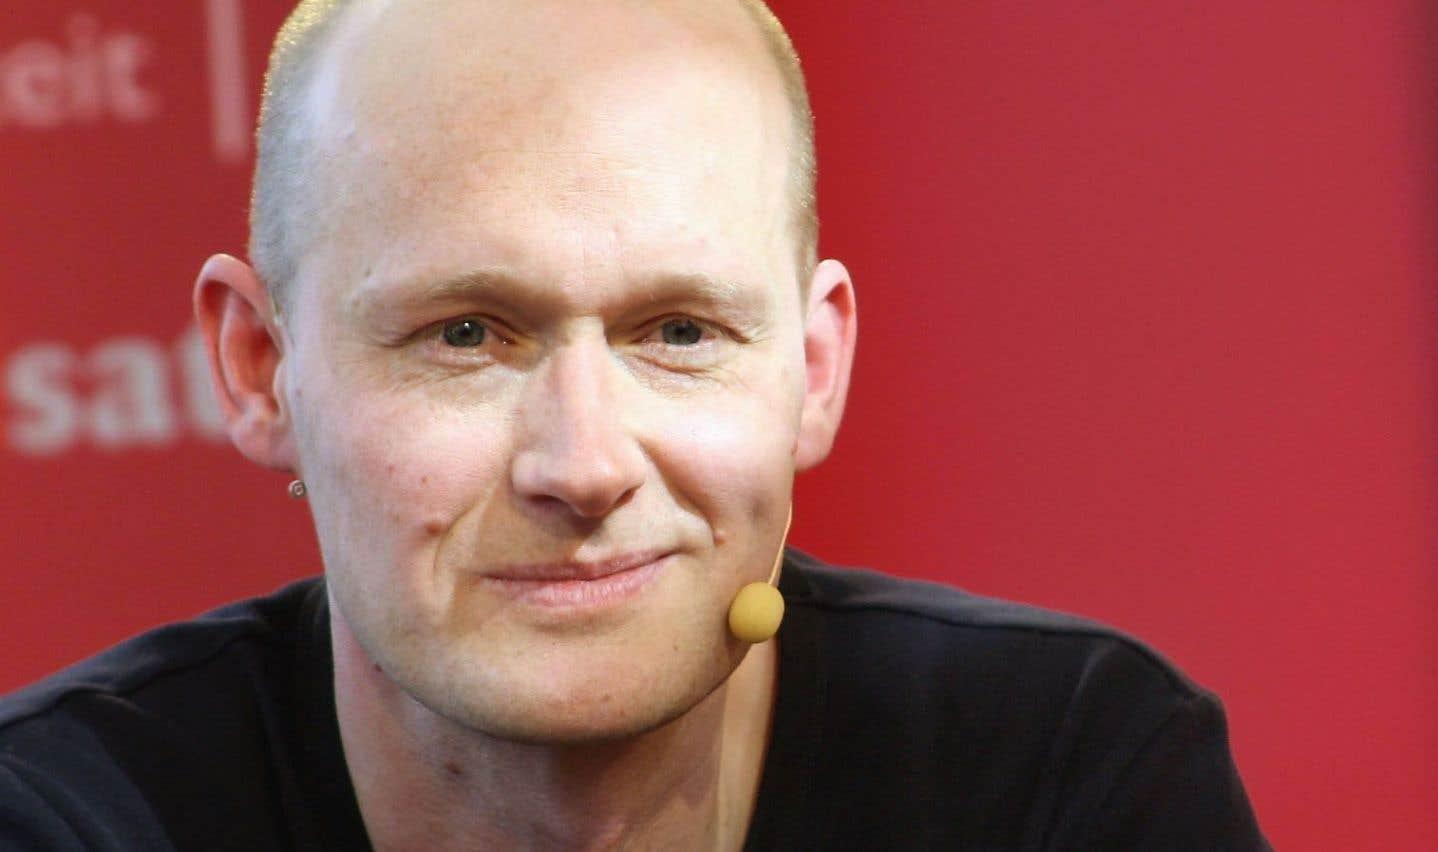 Le roman d'apprentissage sensible d'Arno Geiger